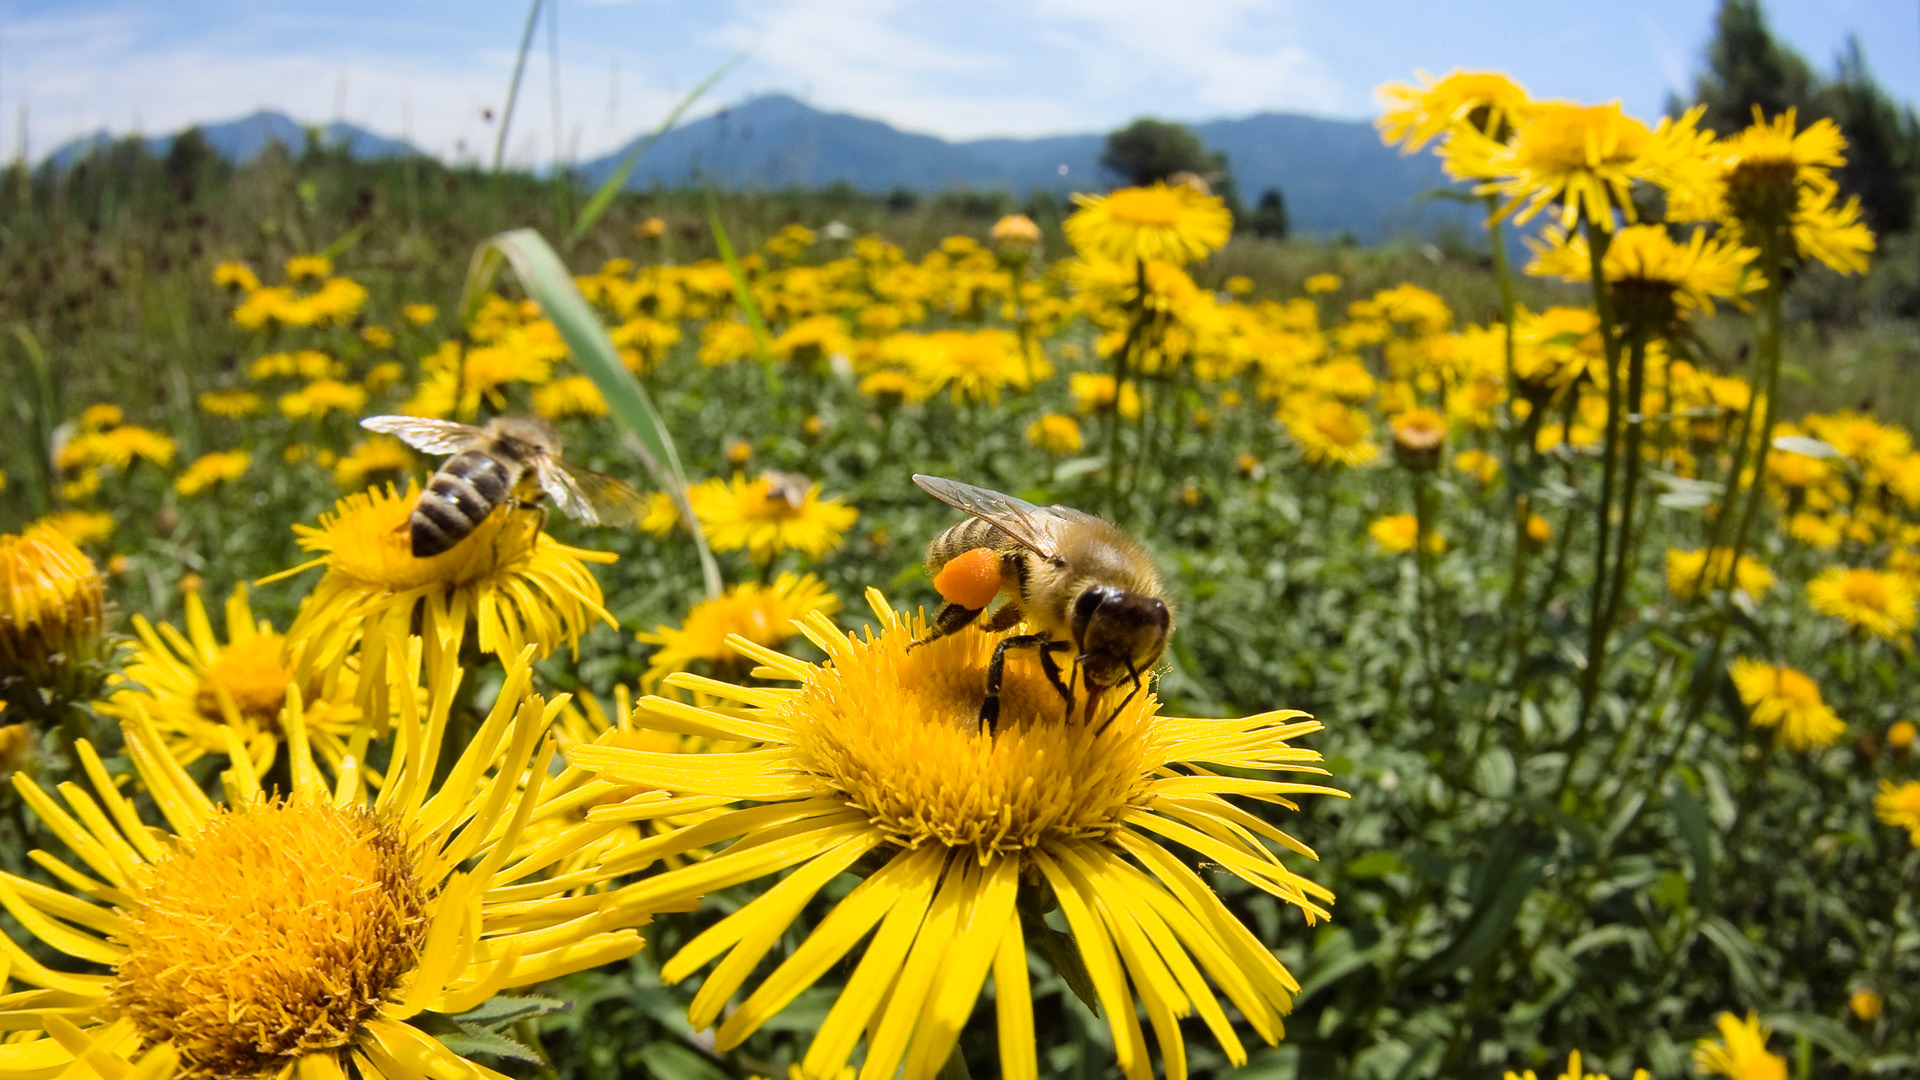 Las abejas engañan a la reproducción de flores heridas - Futurity